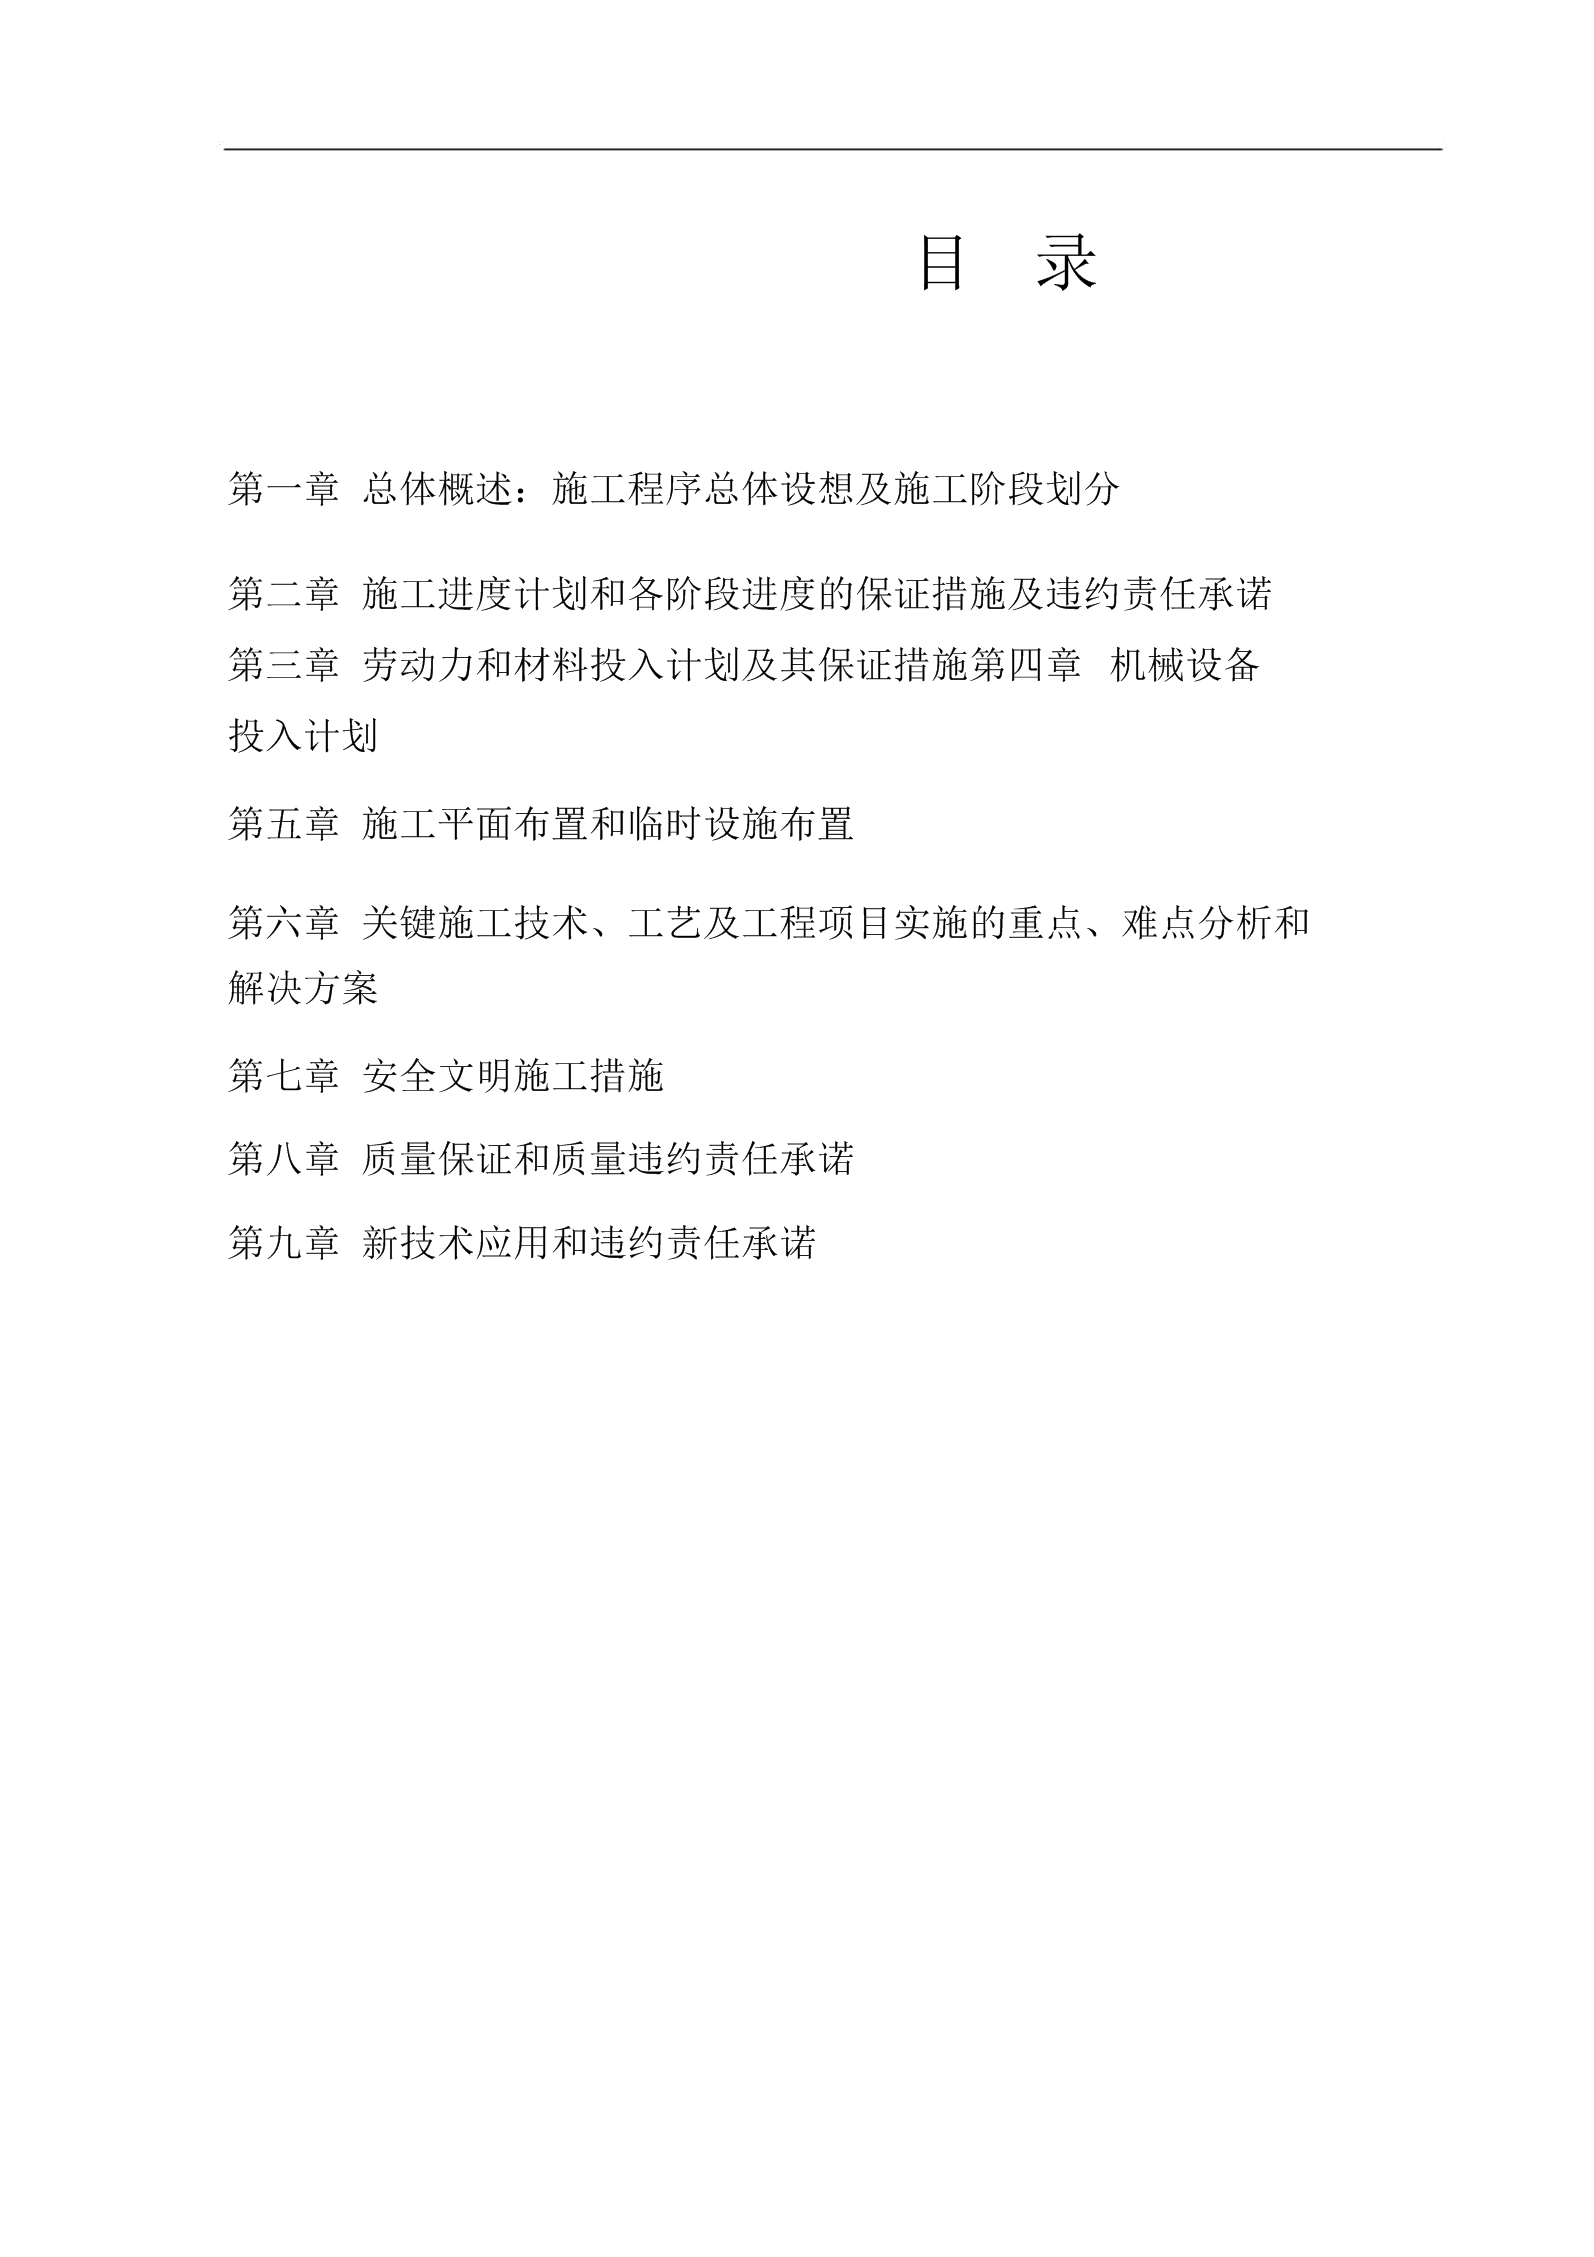 道路工程施工组织实施方案.docx